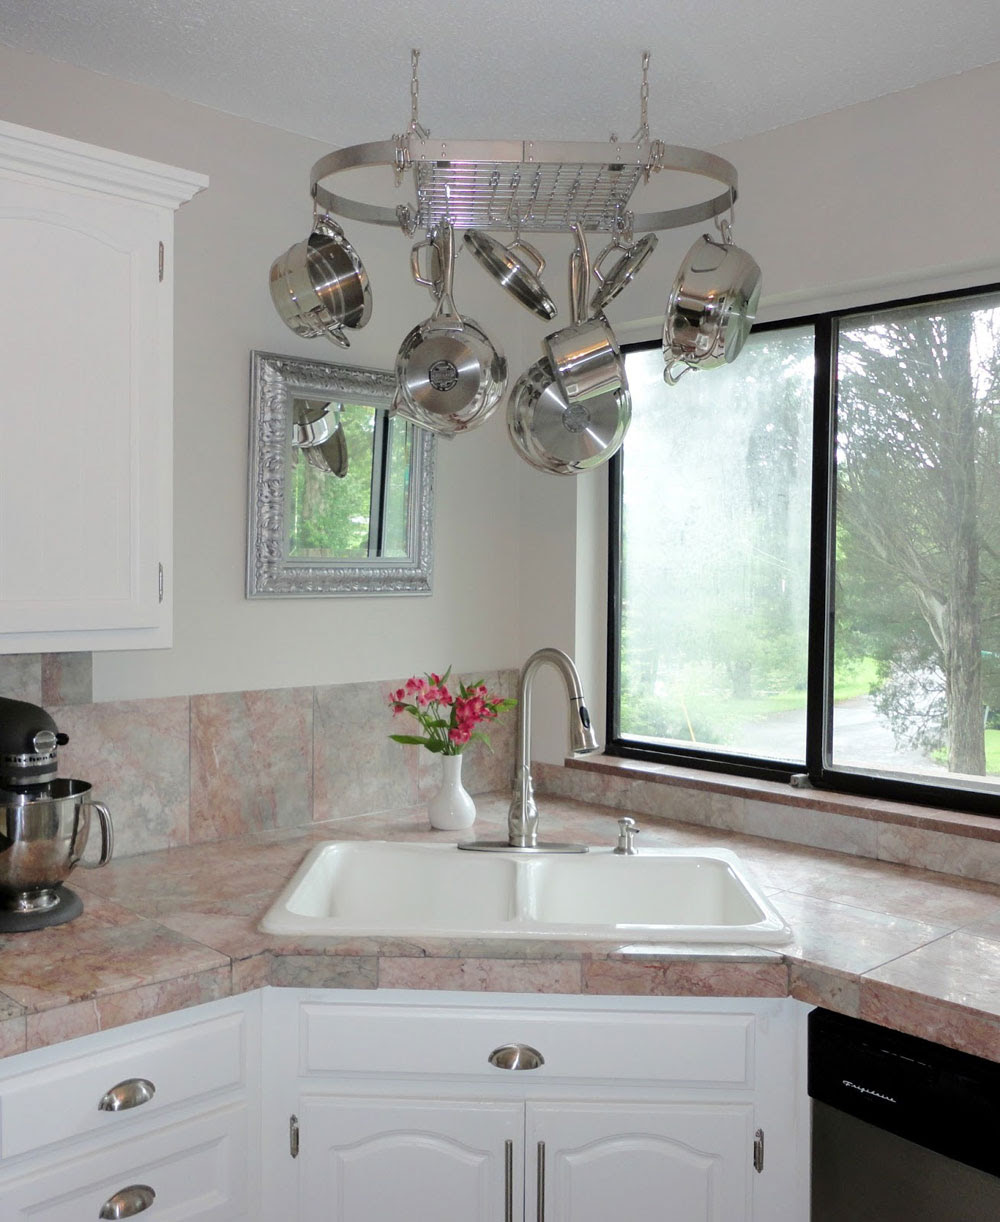 Corner Kitchen Sink Design Ideas - Interior Design on Kitchen Sink Ideas  id=70336